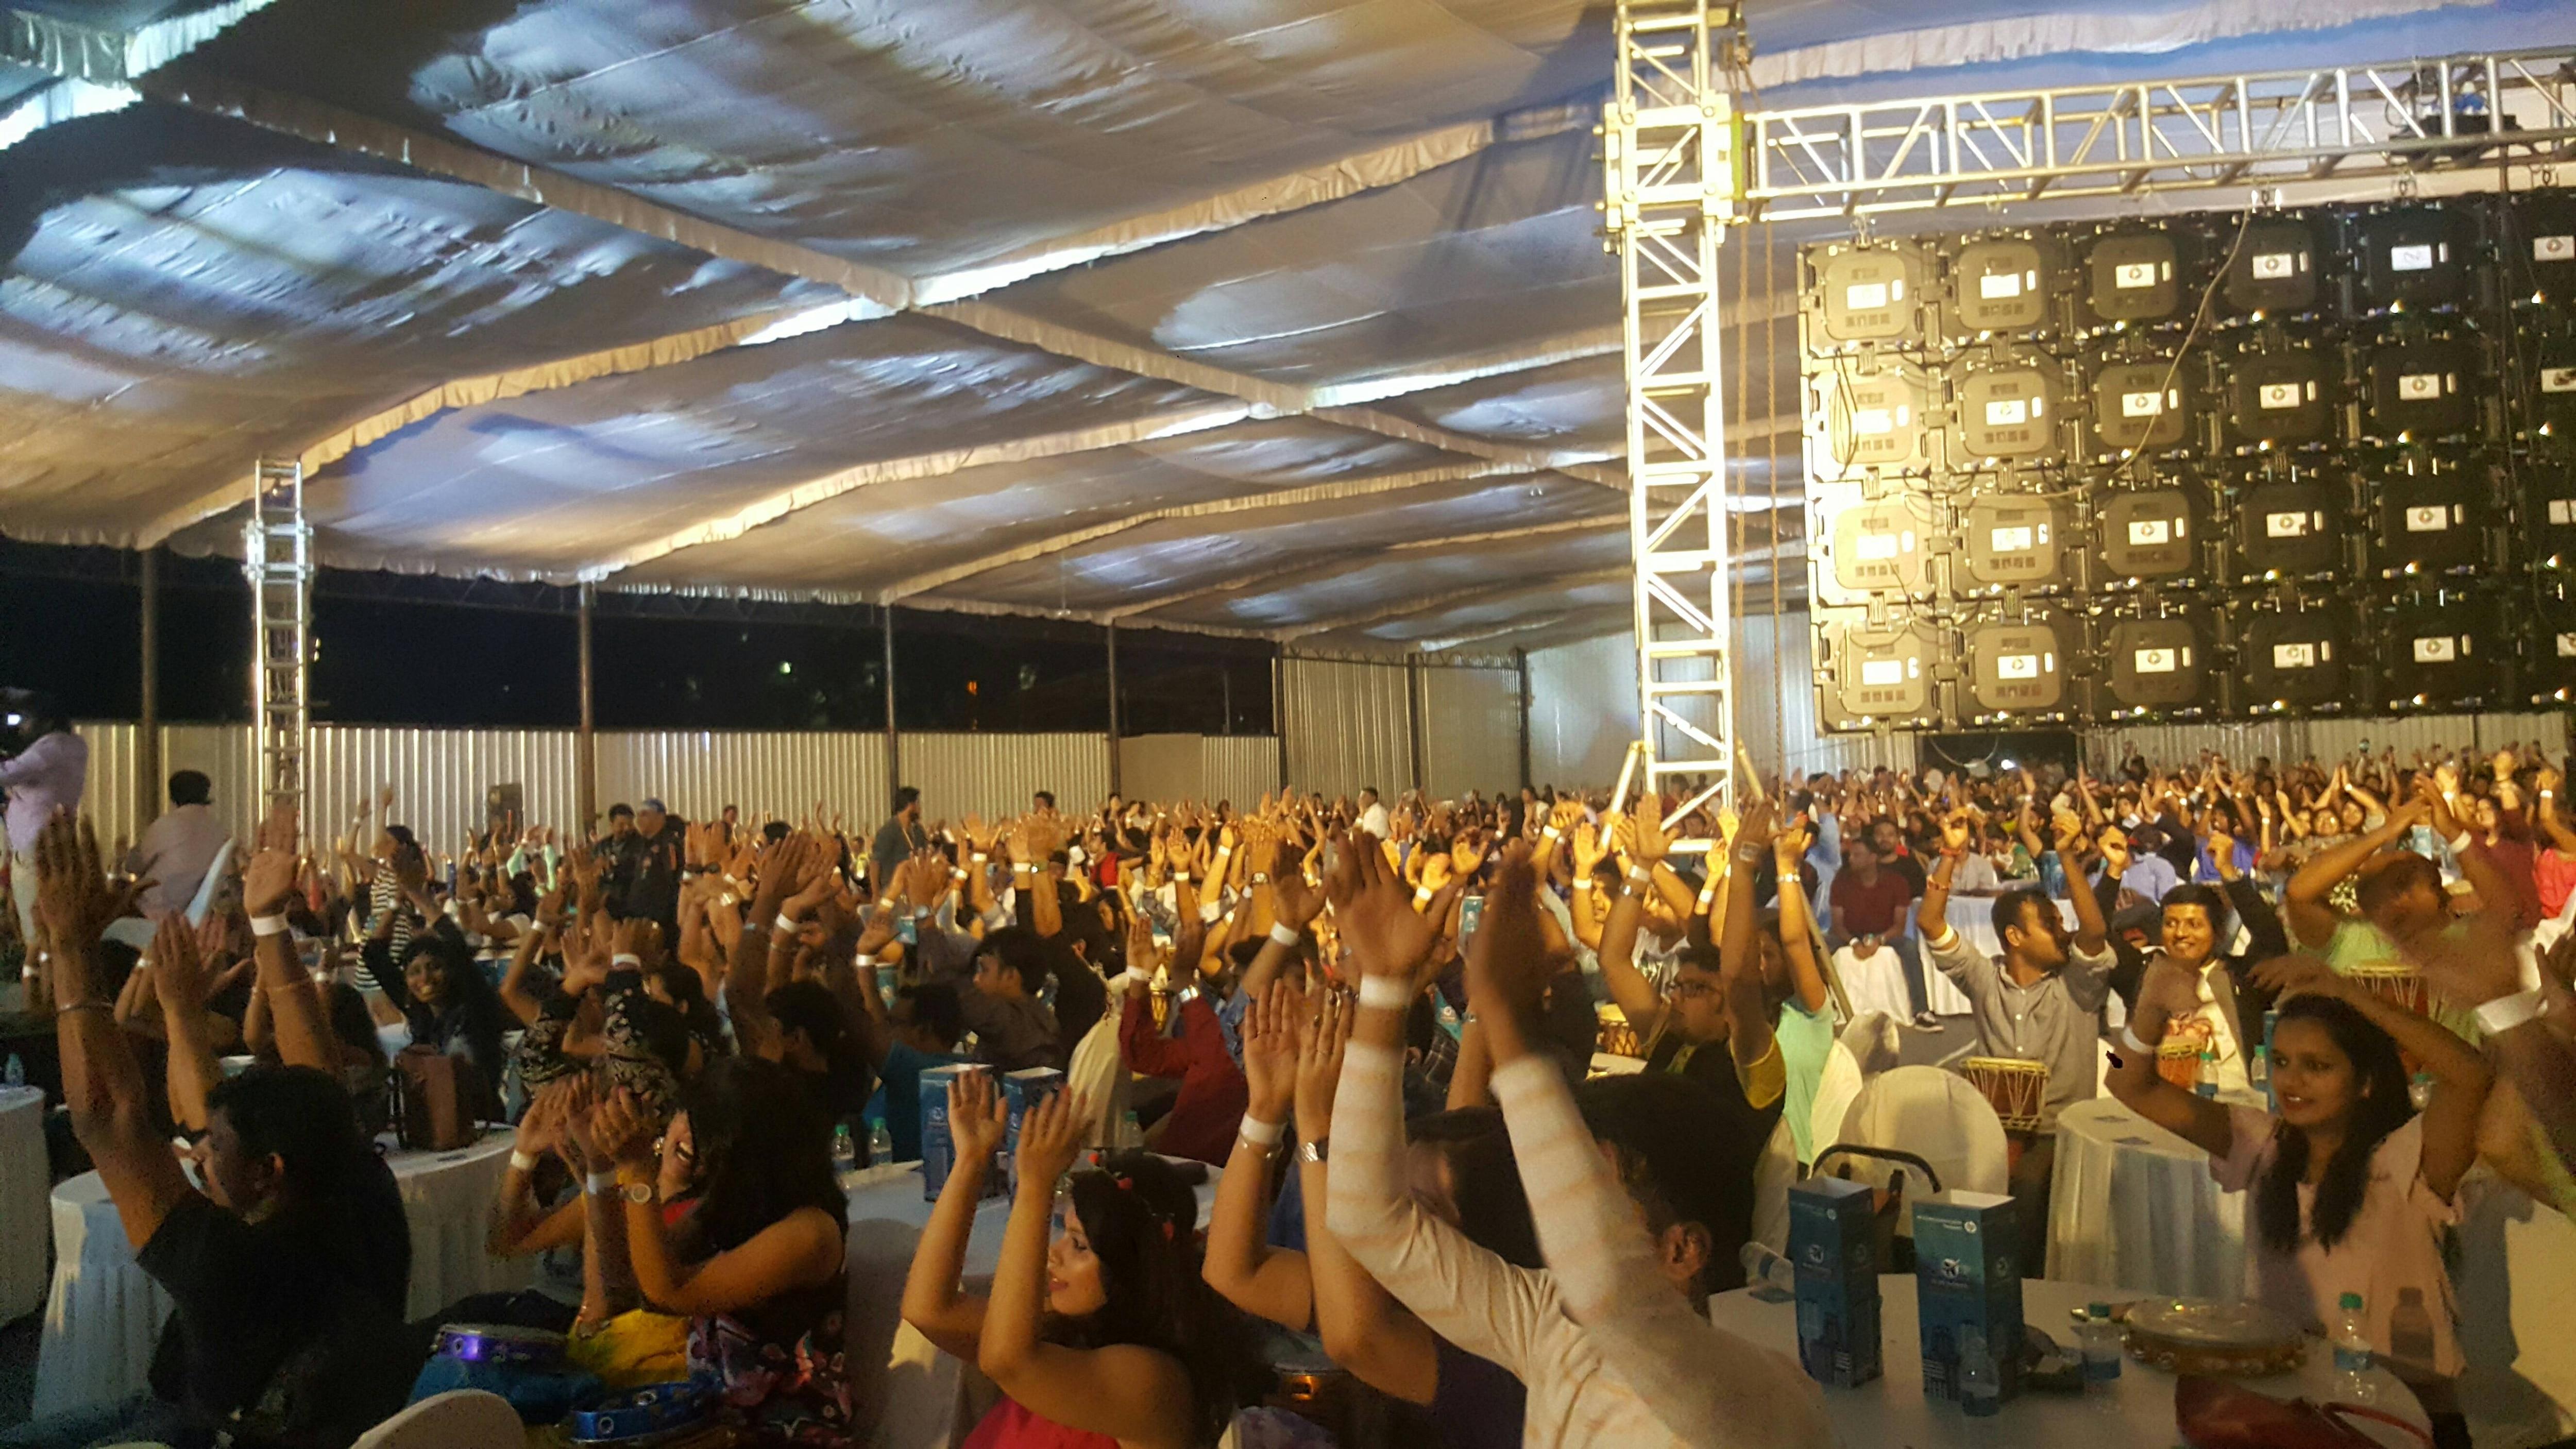 Drum Events India Pvt Ltd